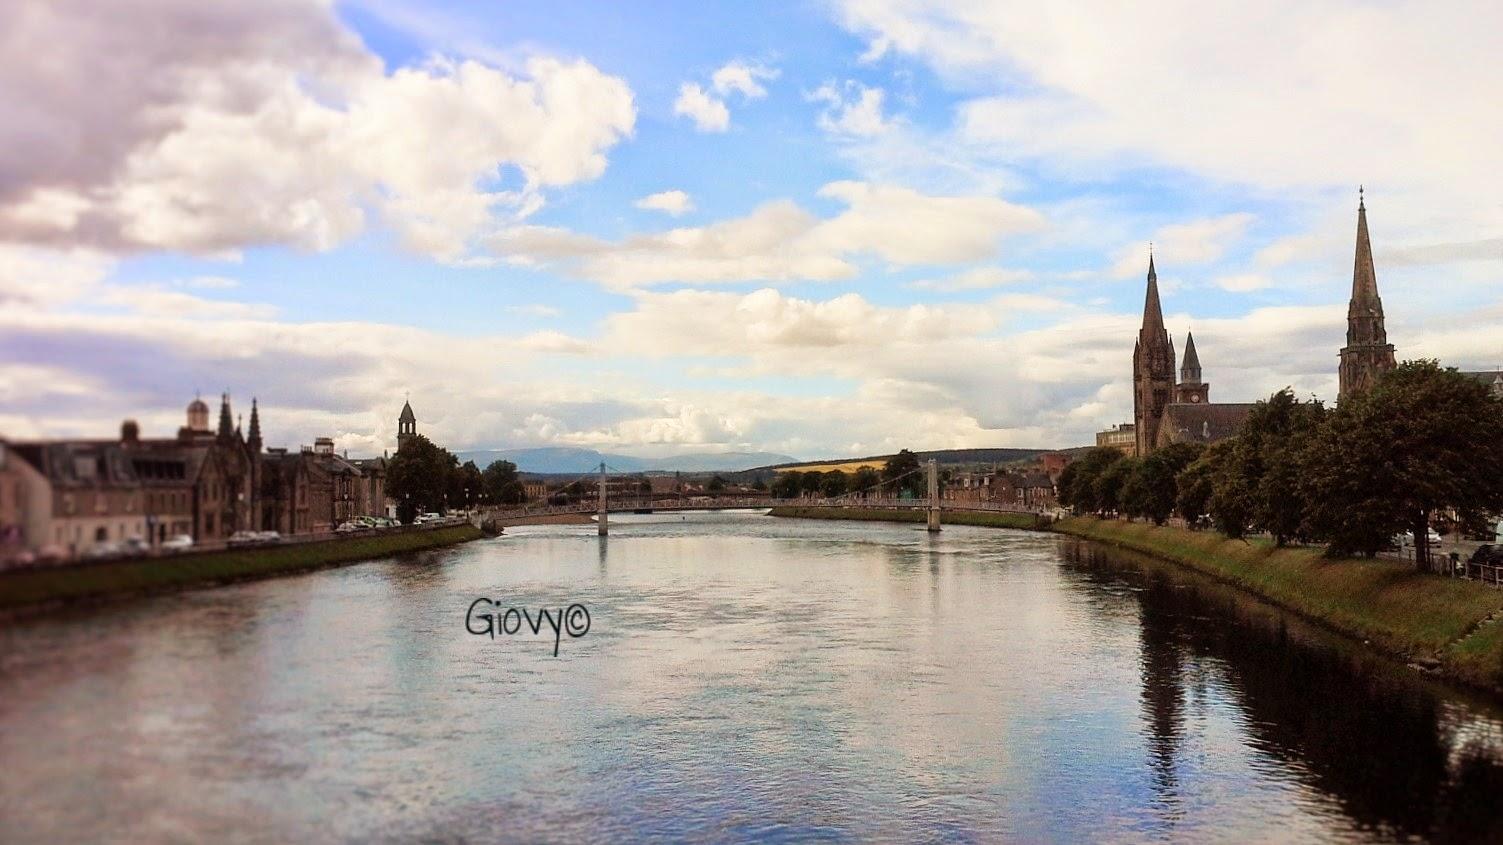 Visitare Inverness in Scozia nelle Highlands